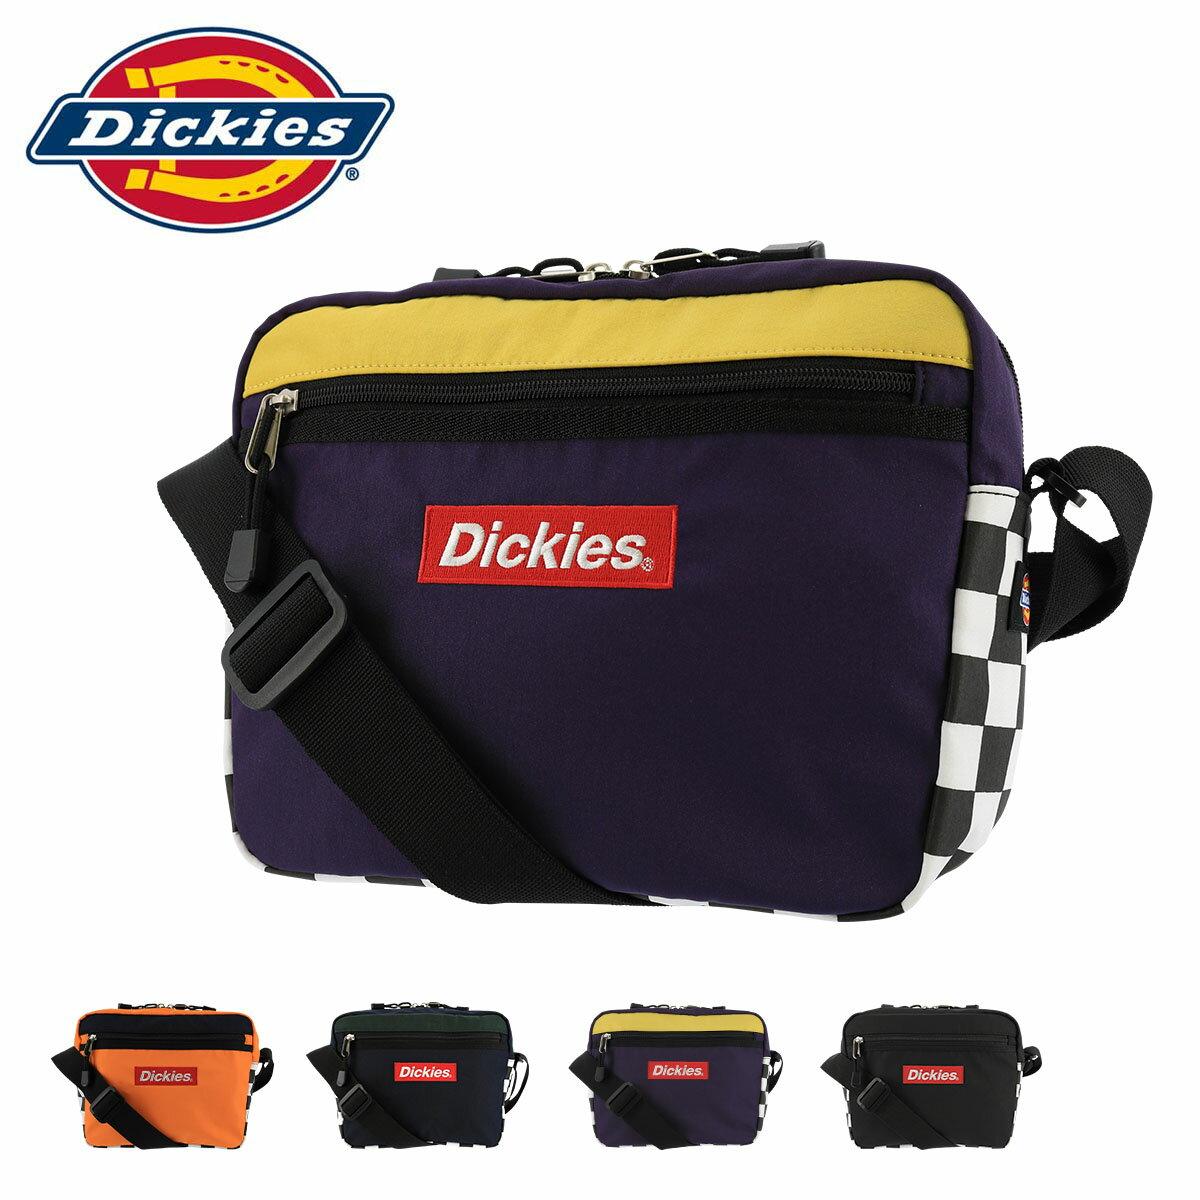 ディッキーズ ショルダーバッグ レトロチェッカー メンズ レディース 14063100 DICKIES | コンパクト[PO10]